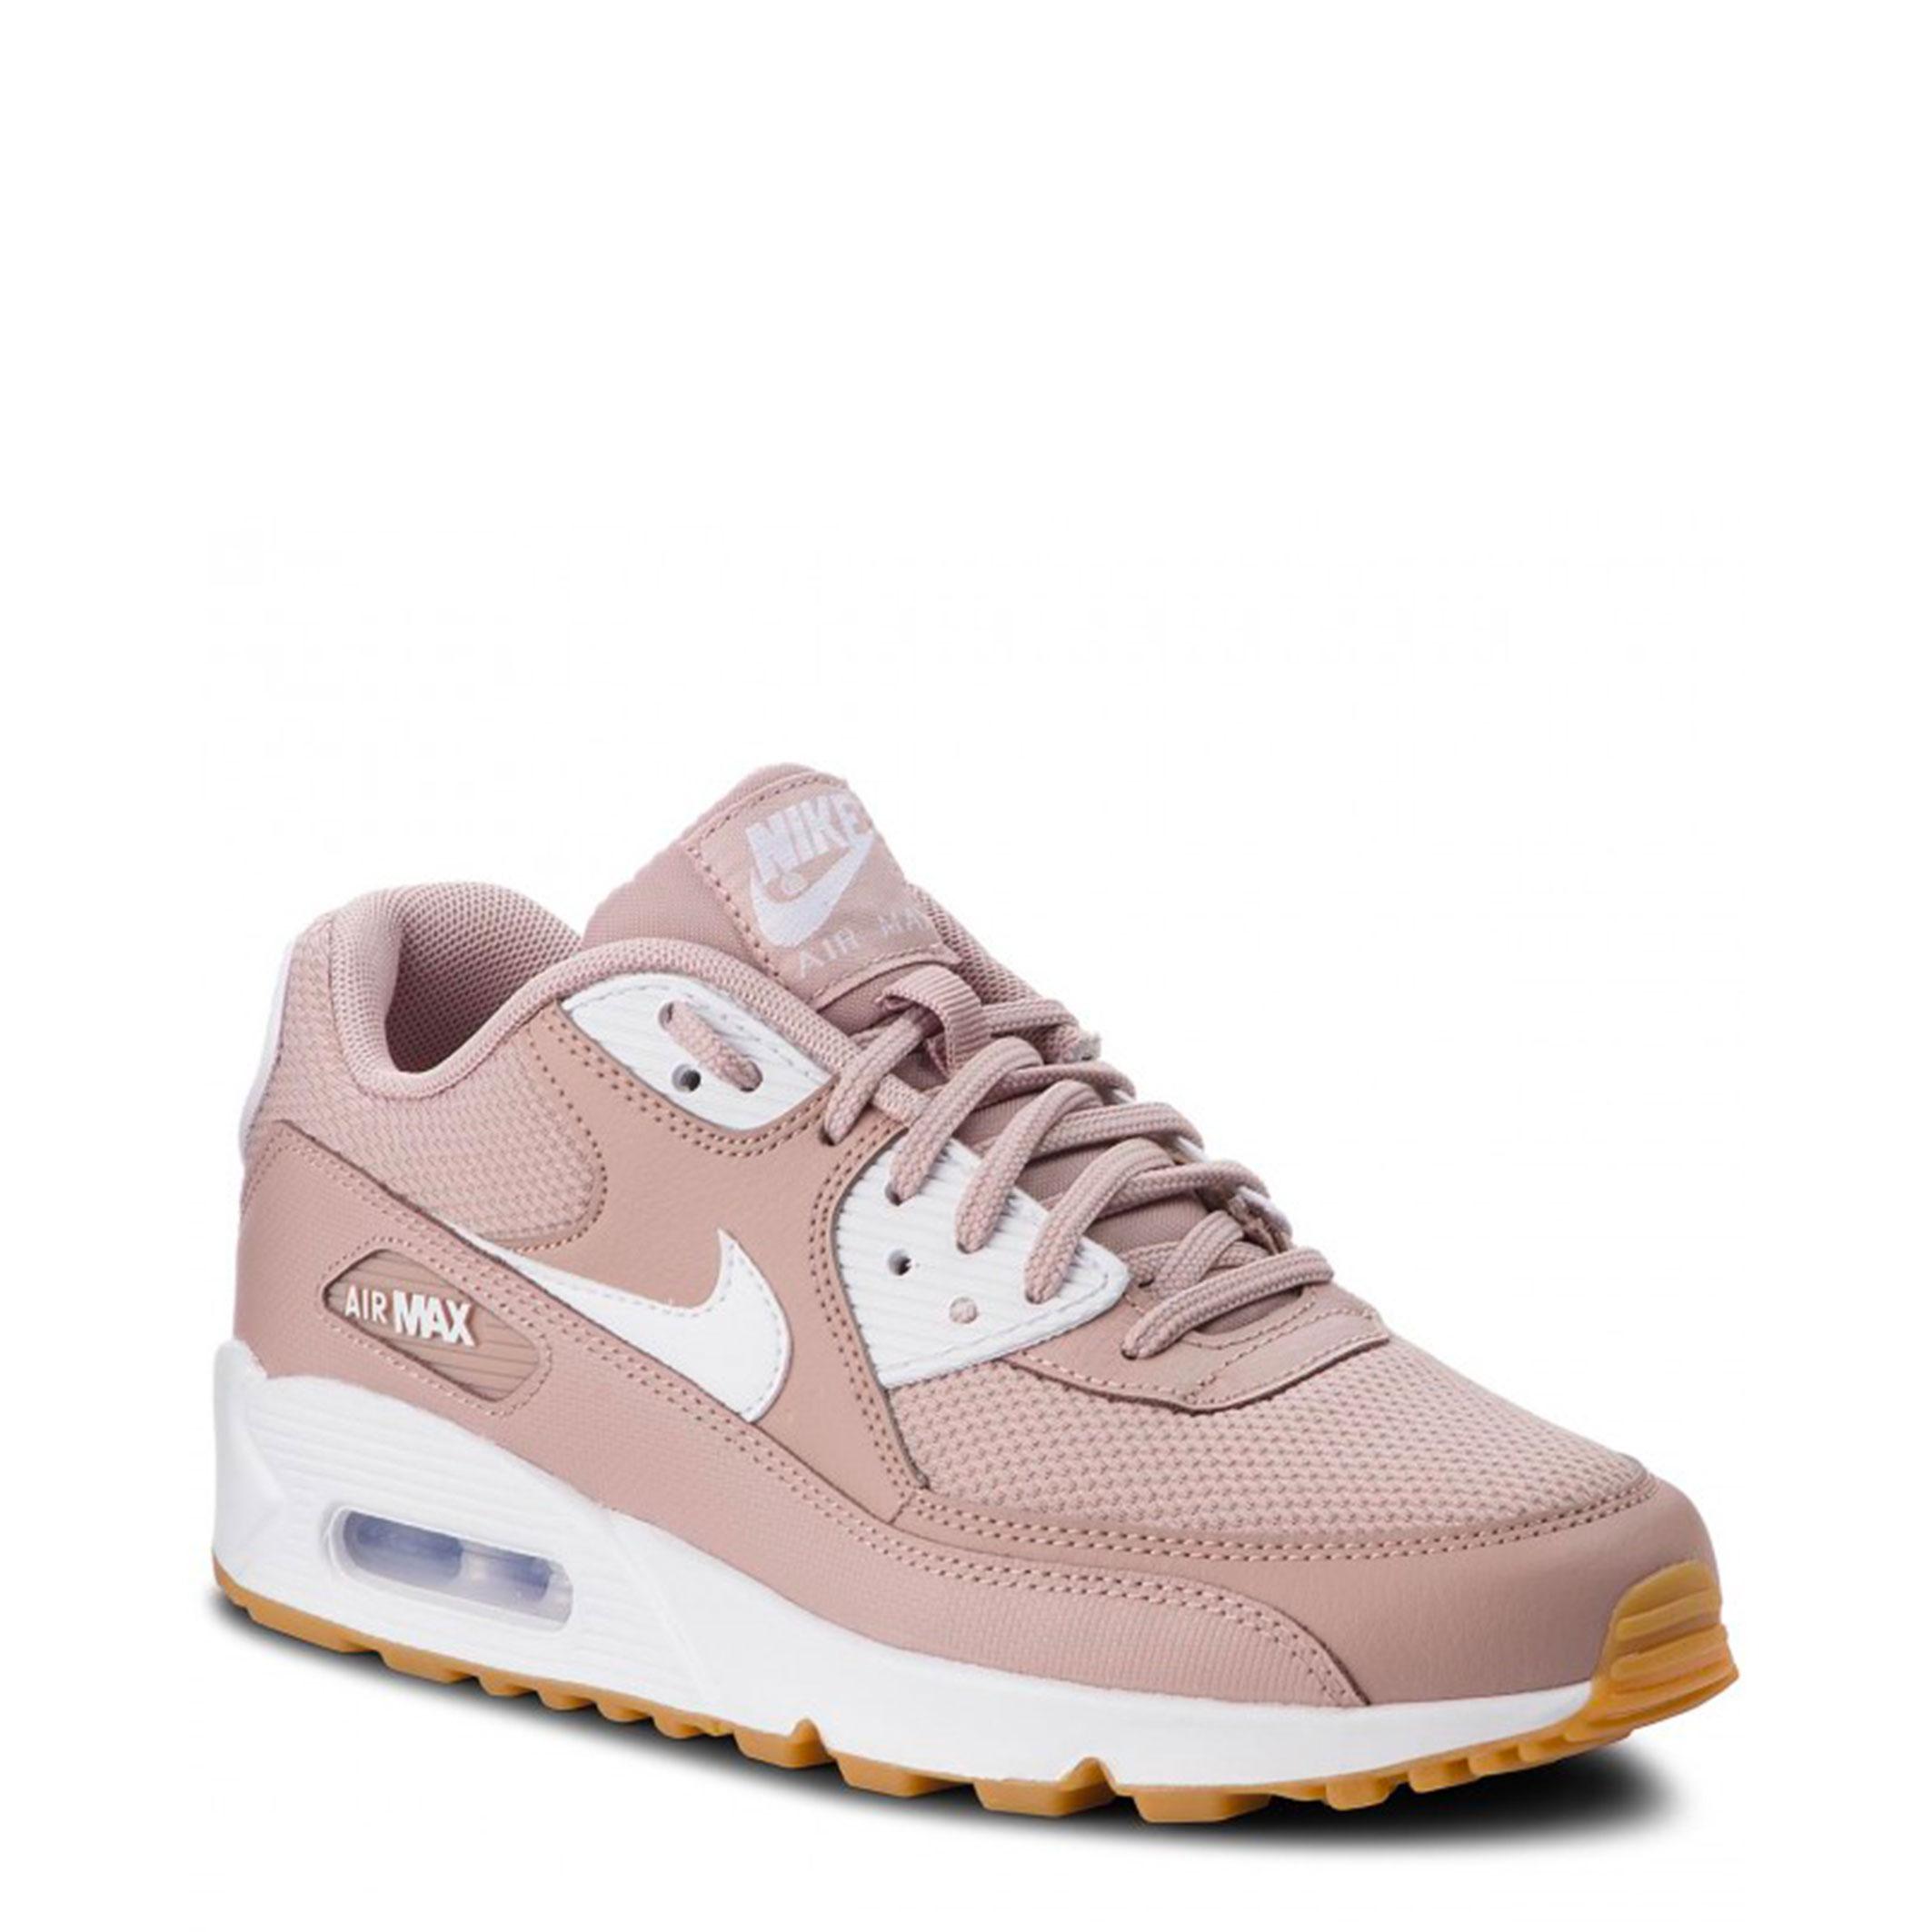 Scarpe Nike Shopbellaitalia 210 wmnsairmax90 325213 rBSrw7xqzY